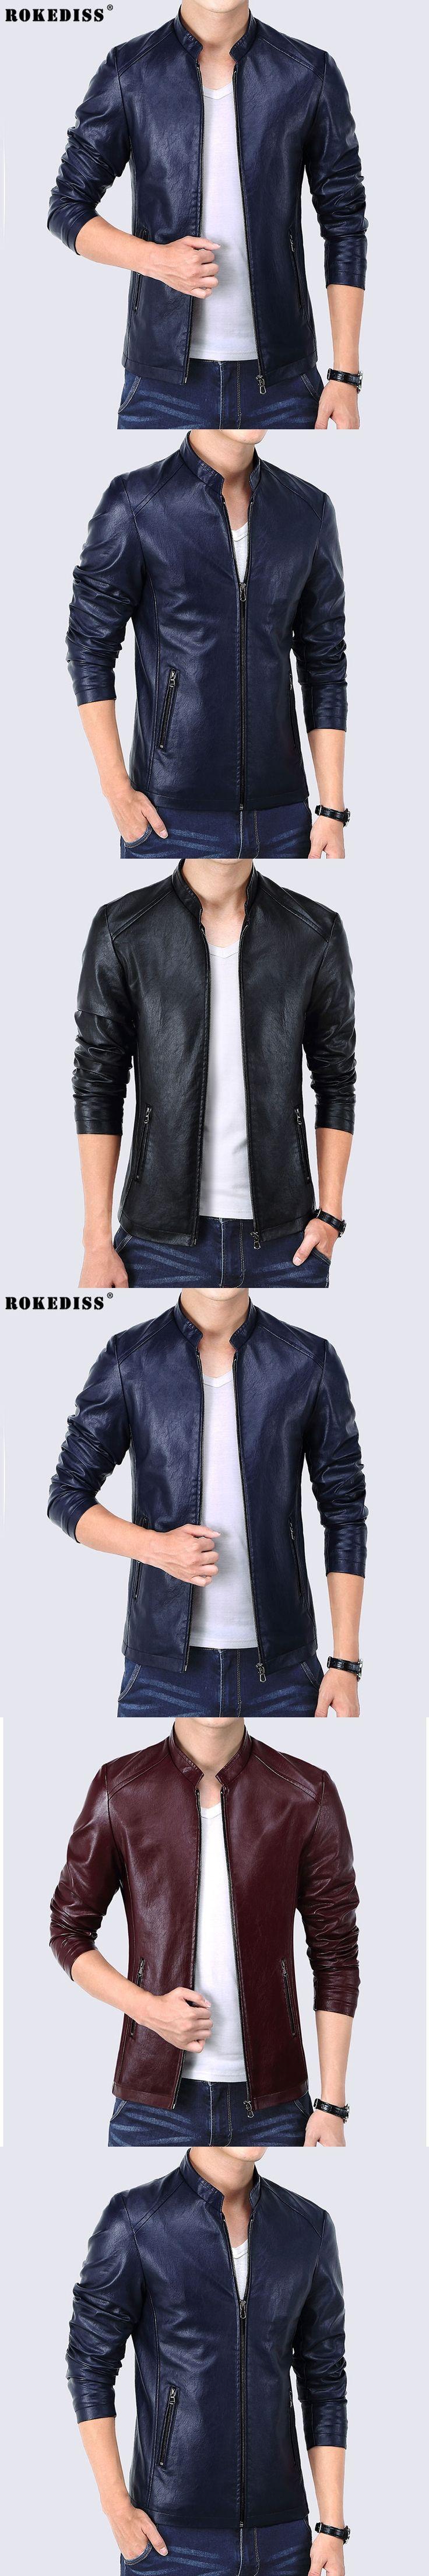 Fashion Slim Fit Faux Leather Jacket Men Zipper Pockets 2016 Autumn Men's Jackets Black Blue Red Windbreaker Coat Male TC386